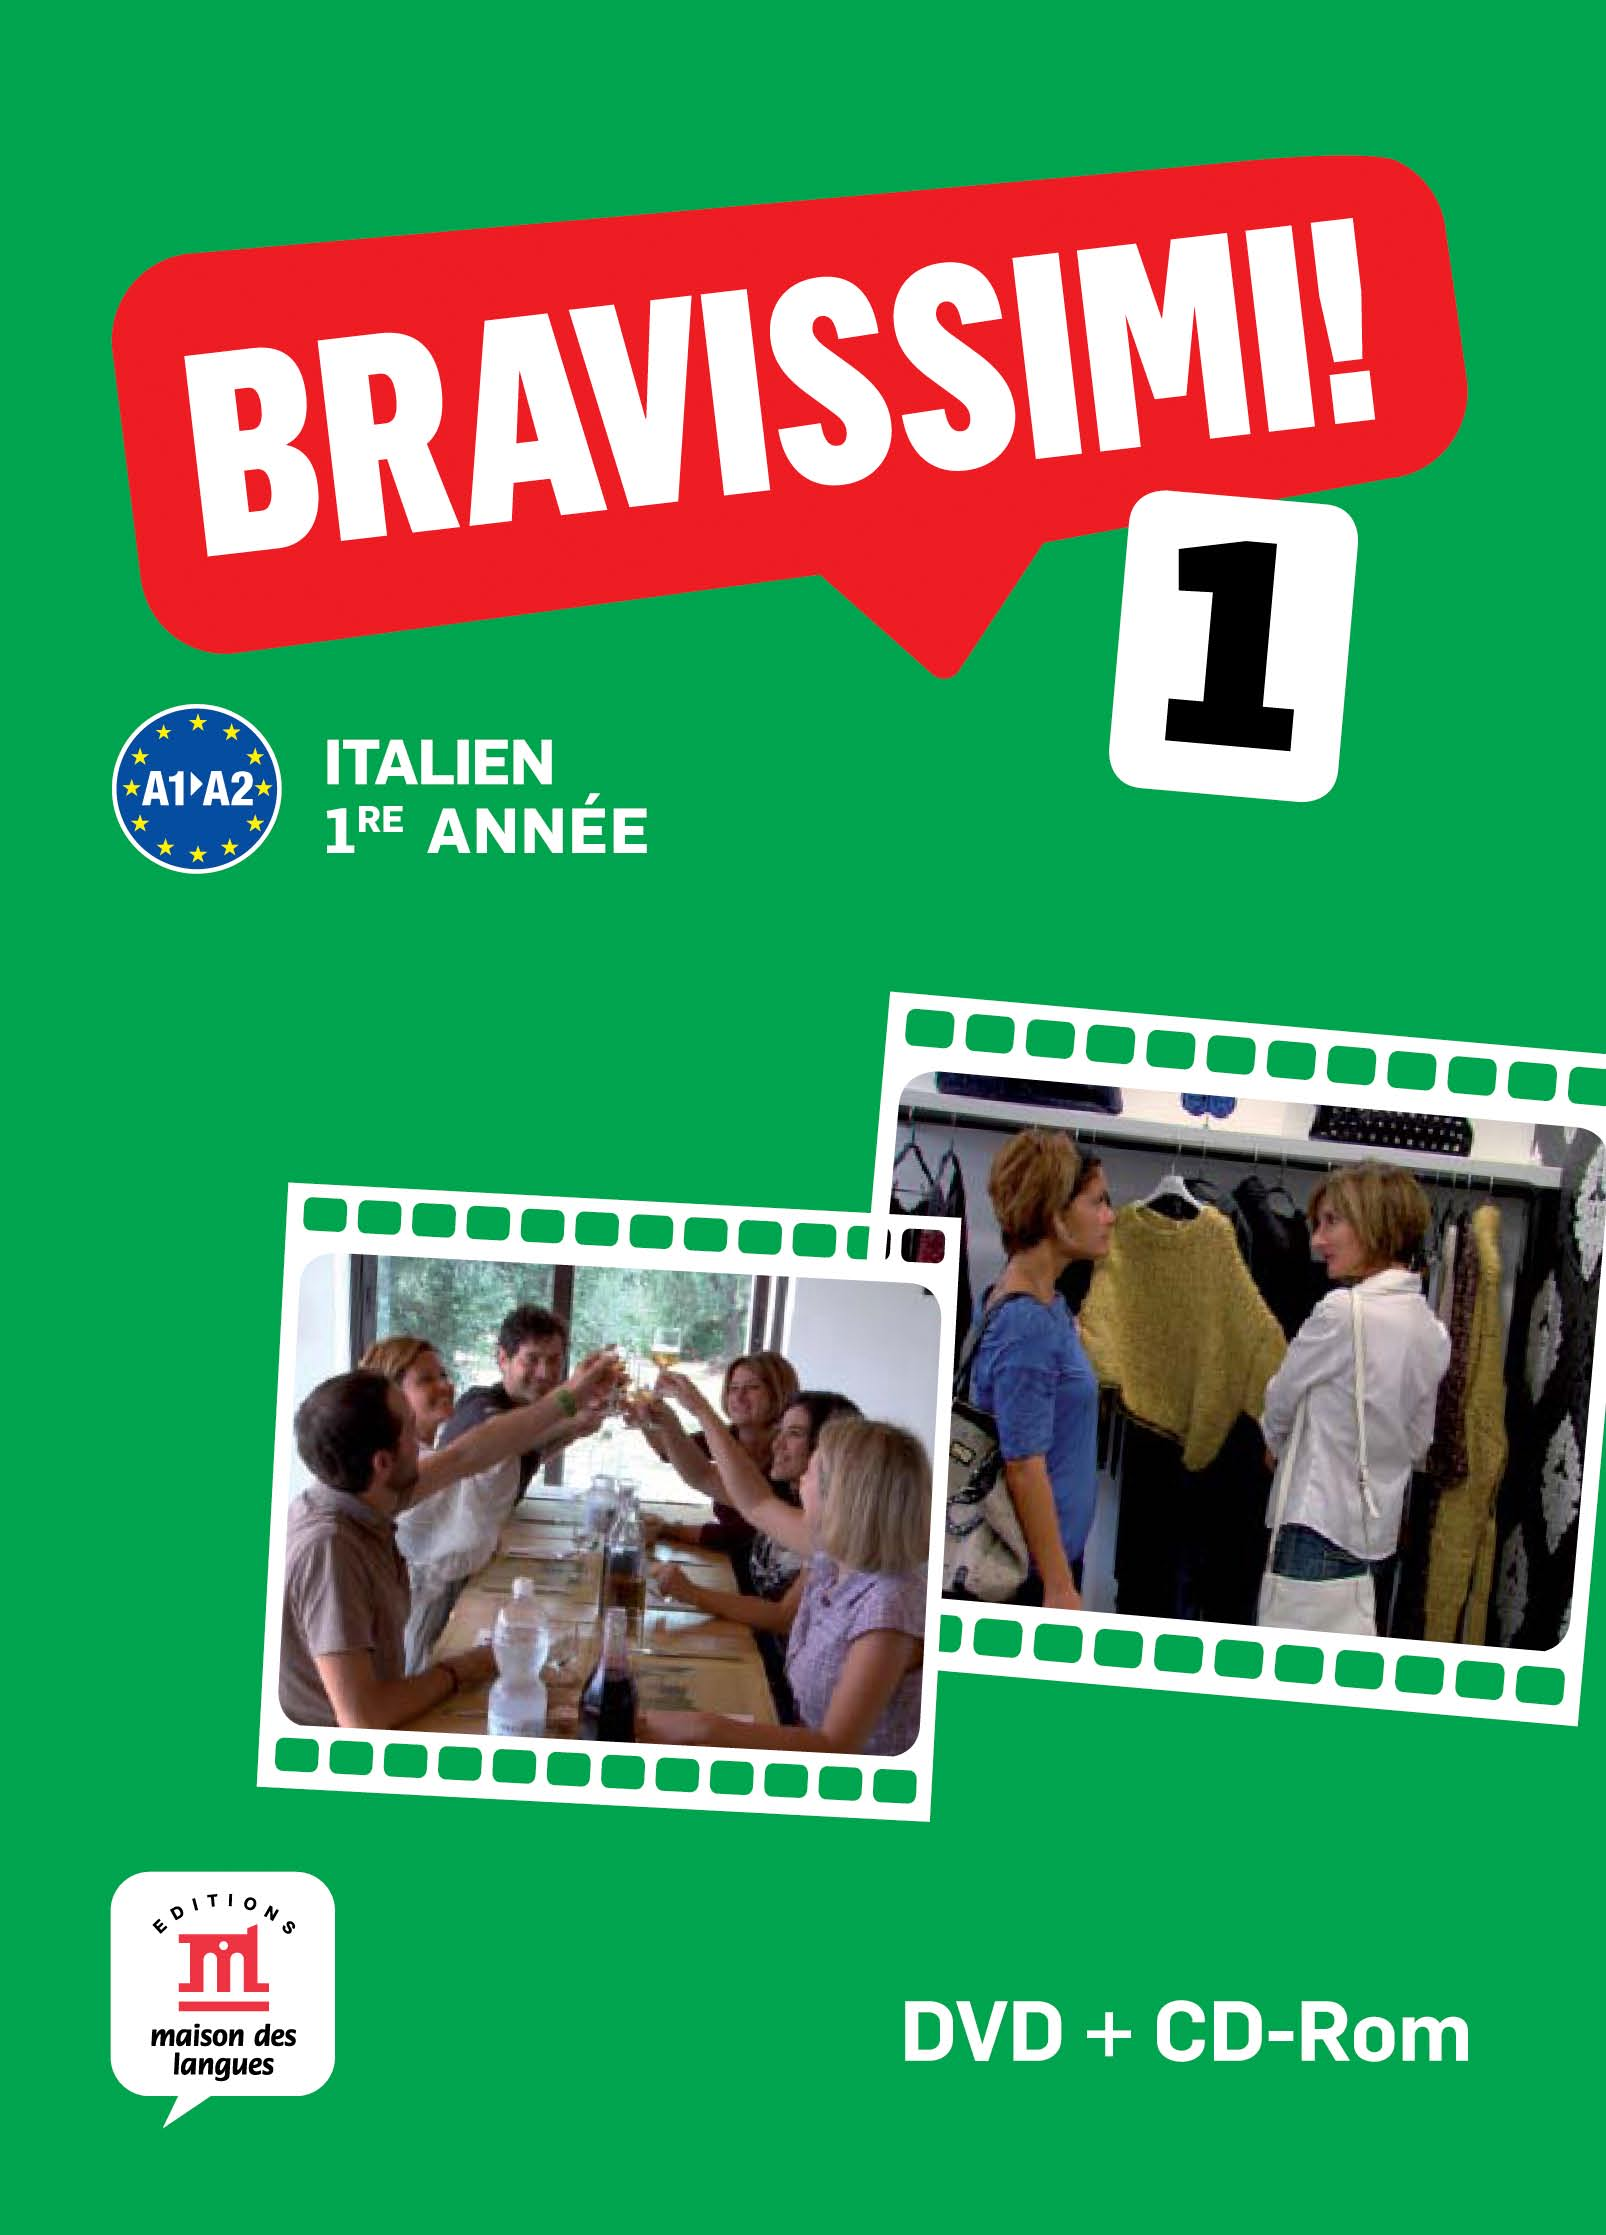 Bravissimi! 1re année - Pack DVD + CD-Rom d'exploitation